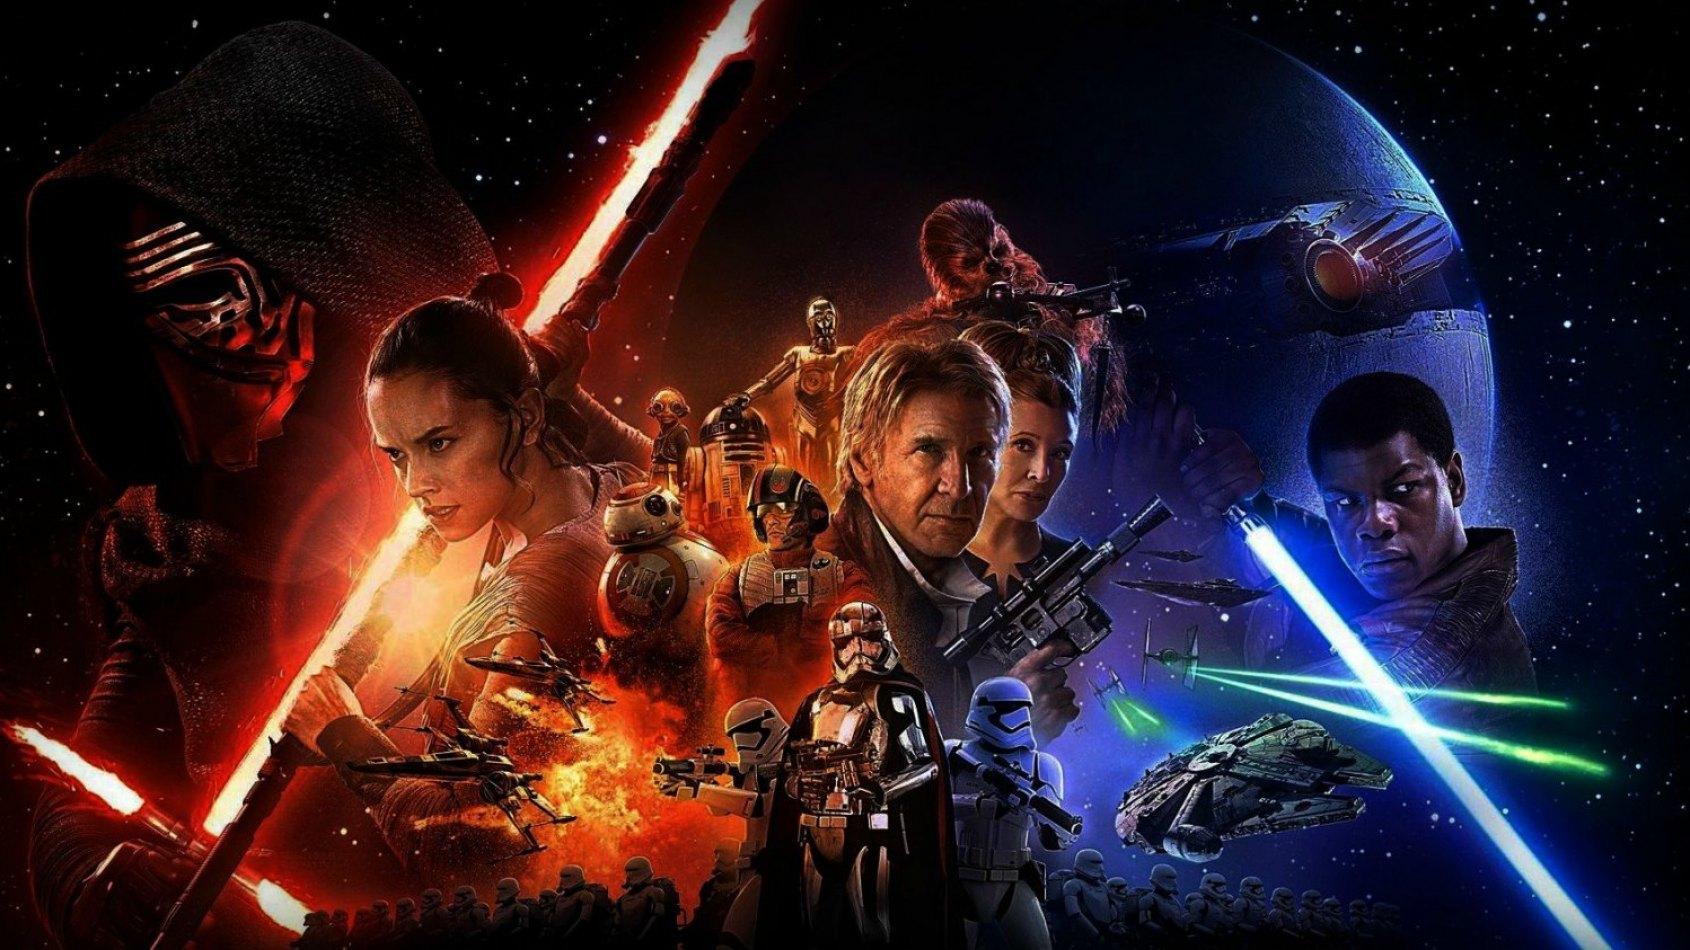 Les zones d'ombres de Star Wars VII révélées dans le roman